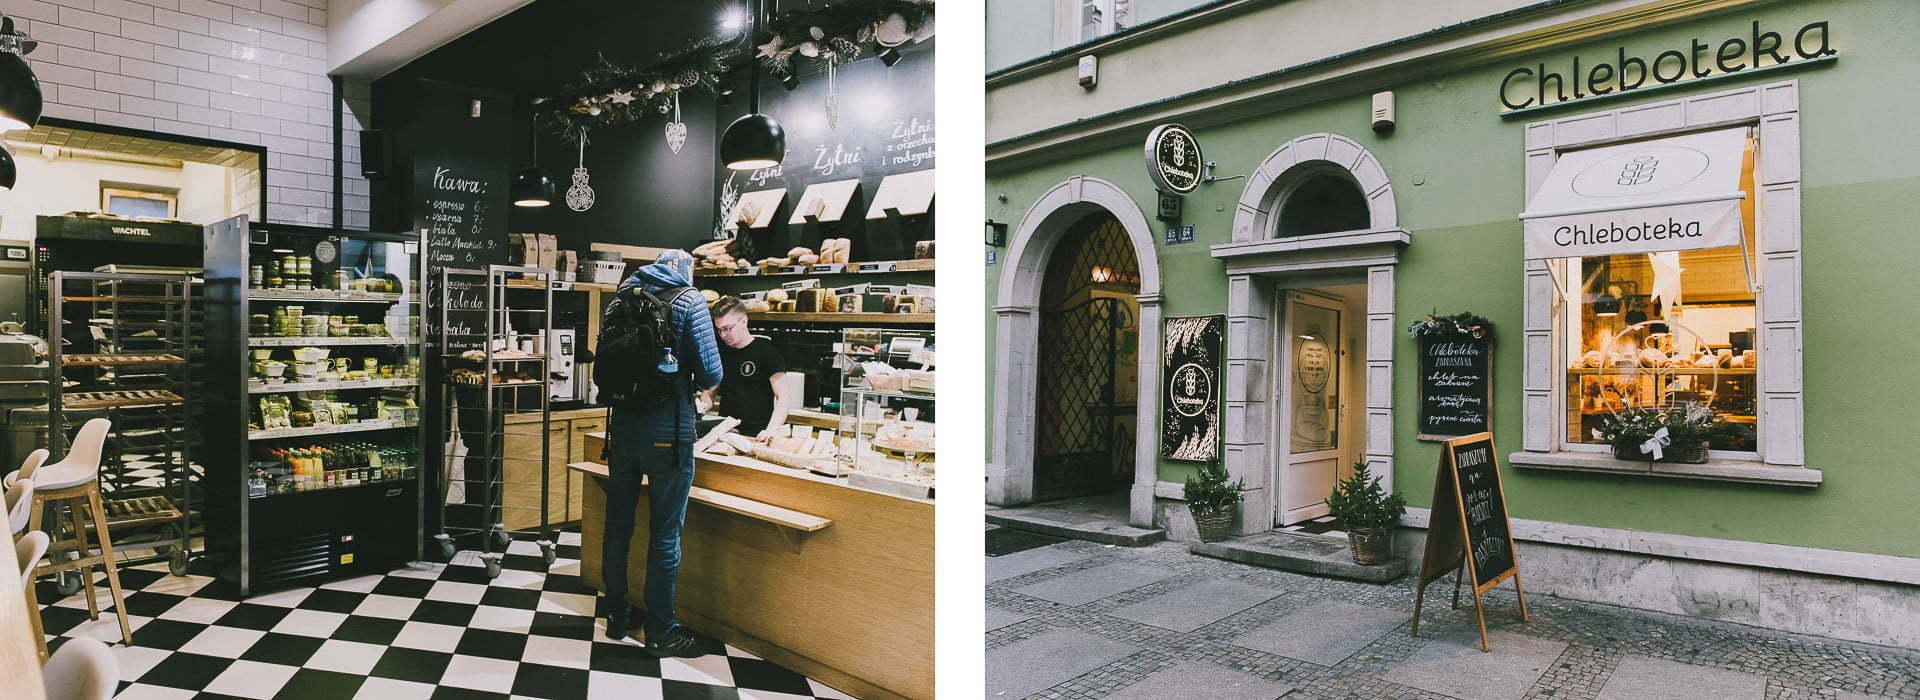 Gdzie pysznie zjeść weWrocławiu? - Chleboteka